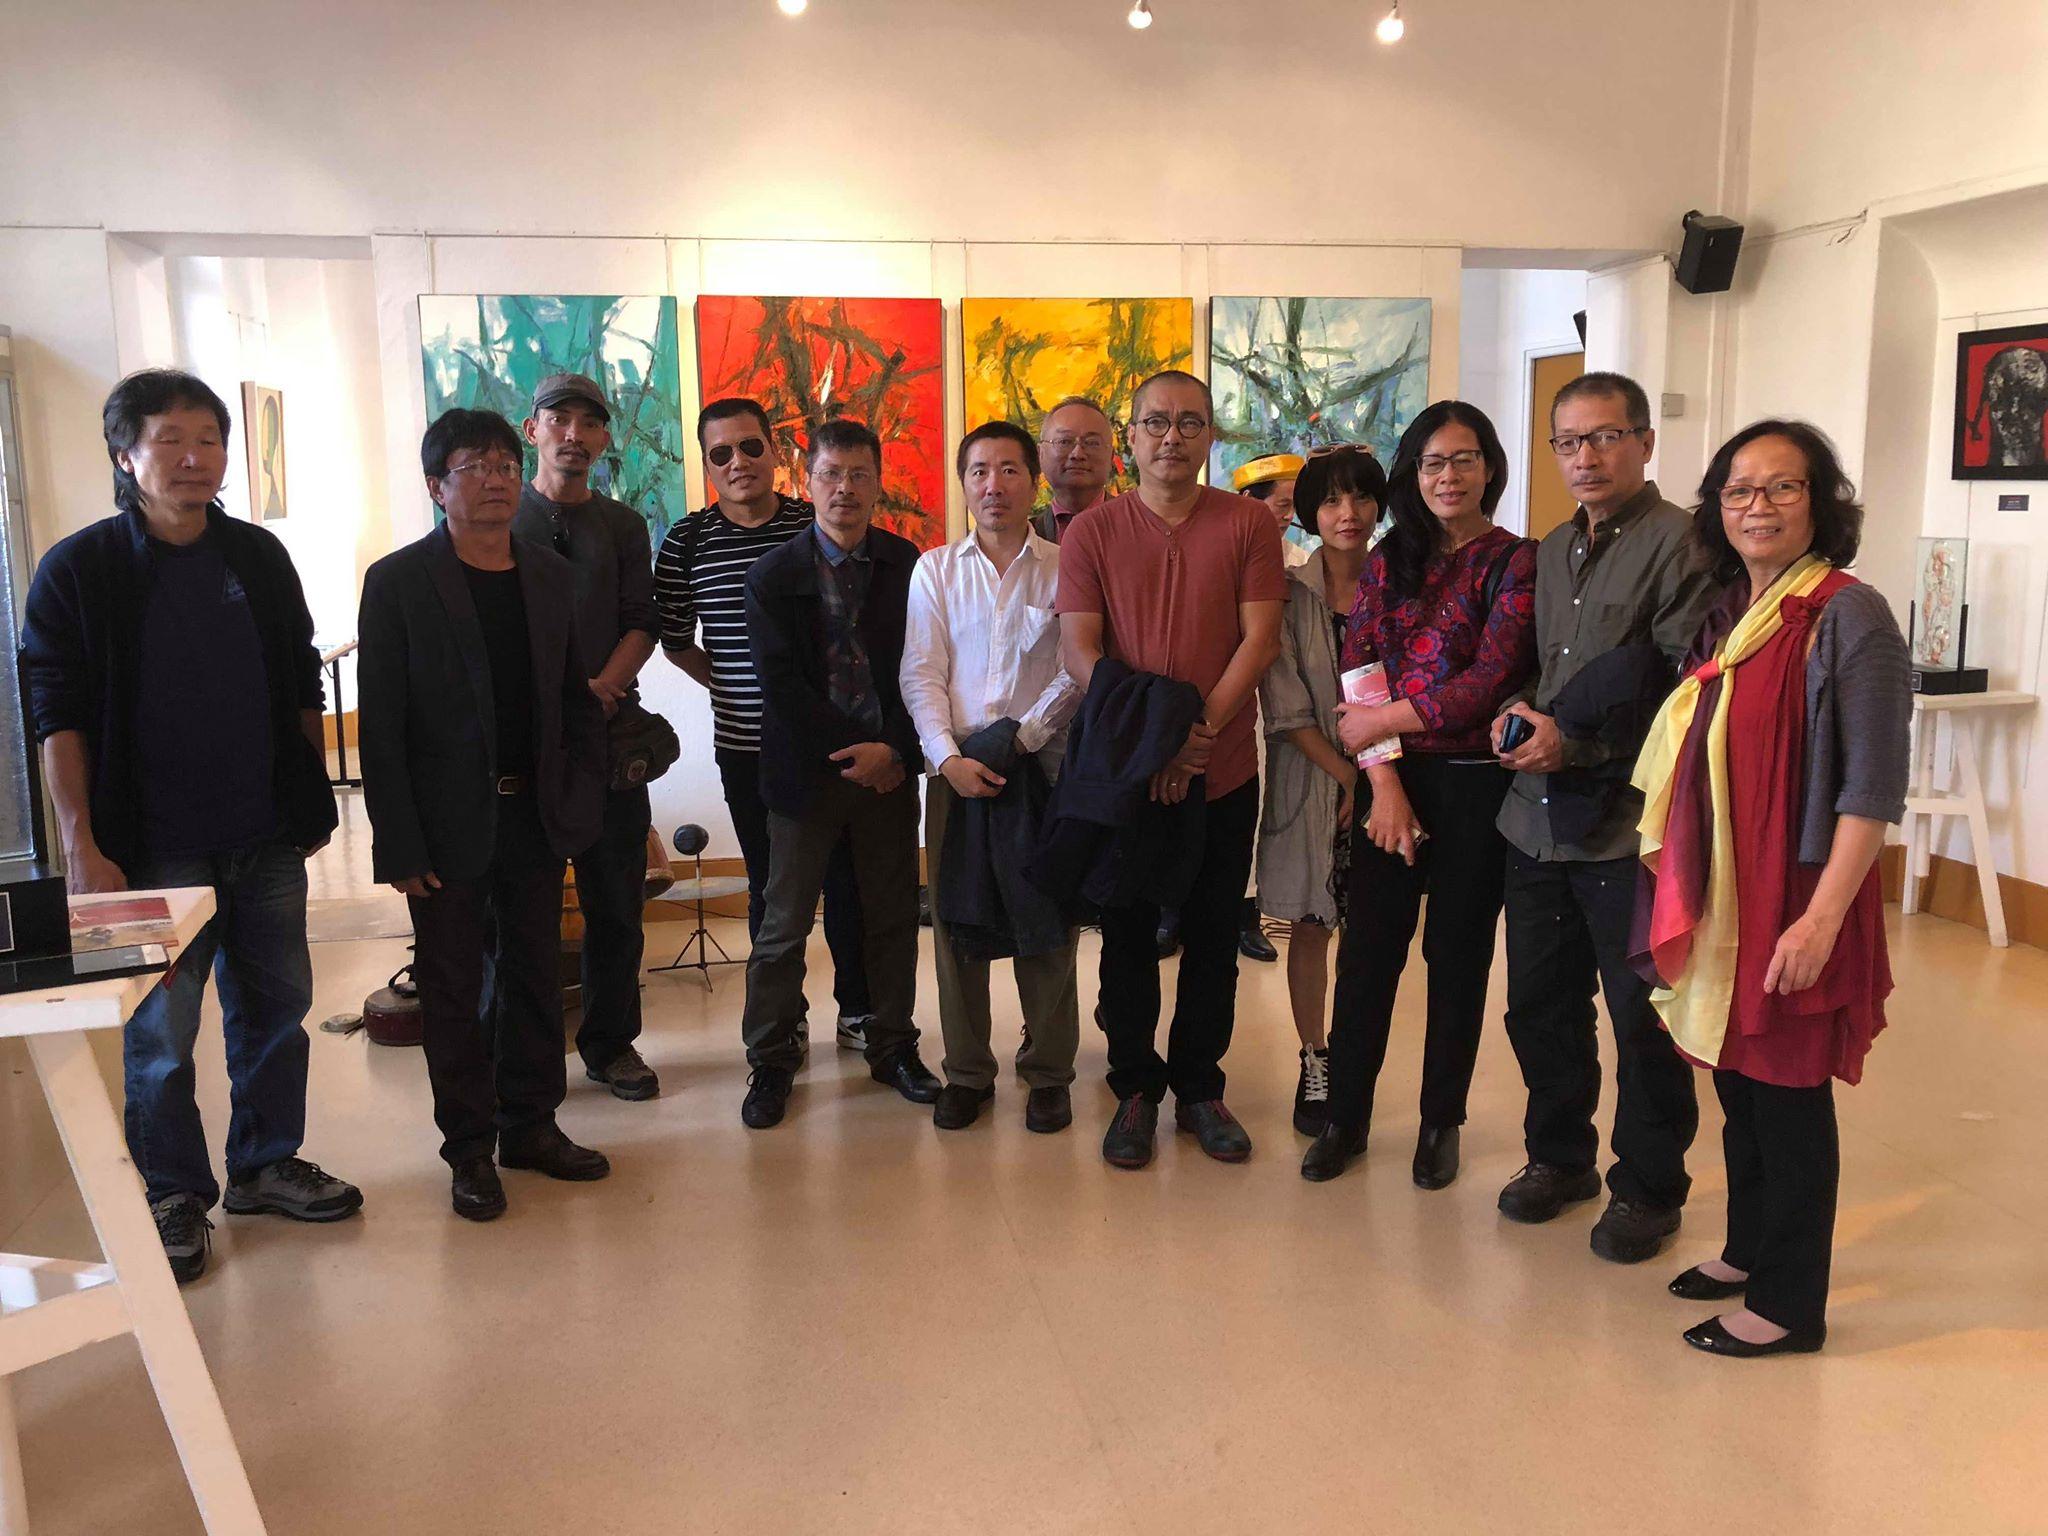 Văn hóa và hội họa Việt đến Paris